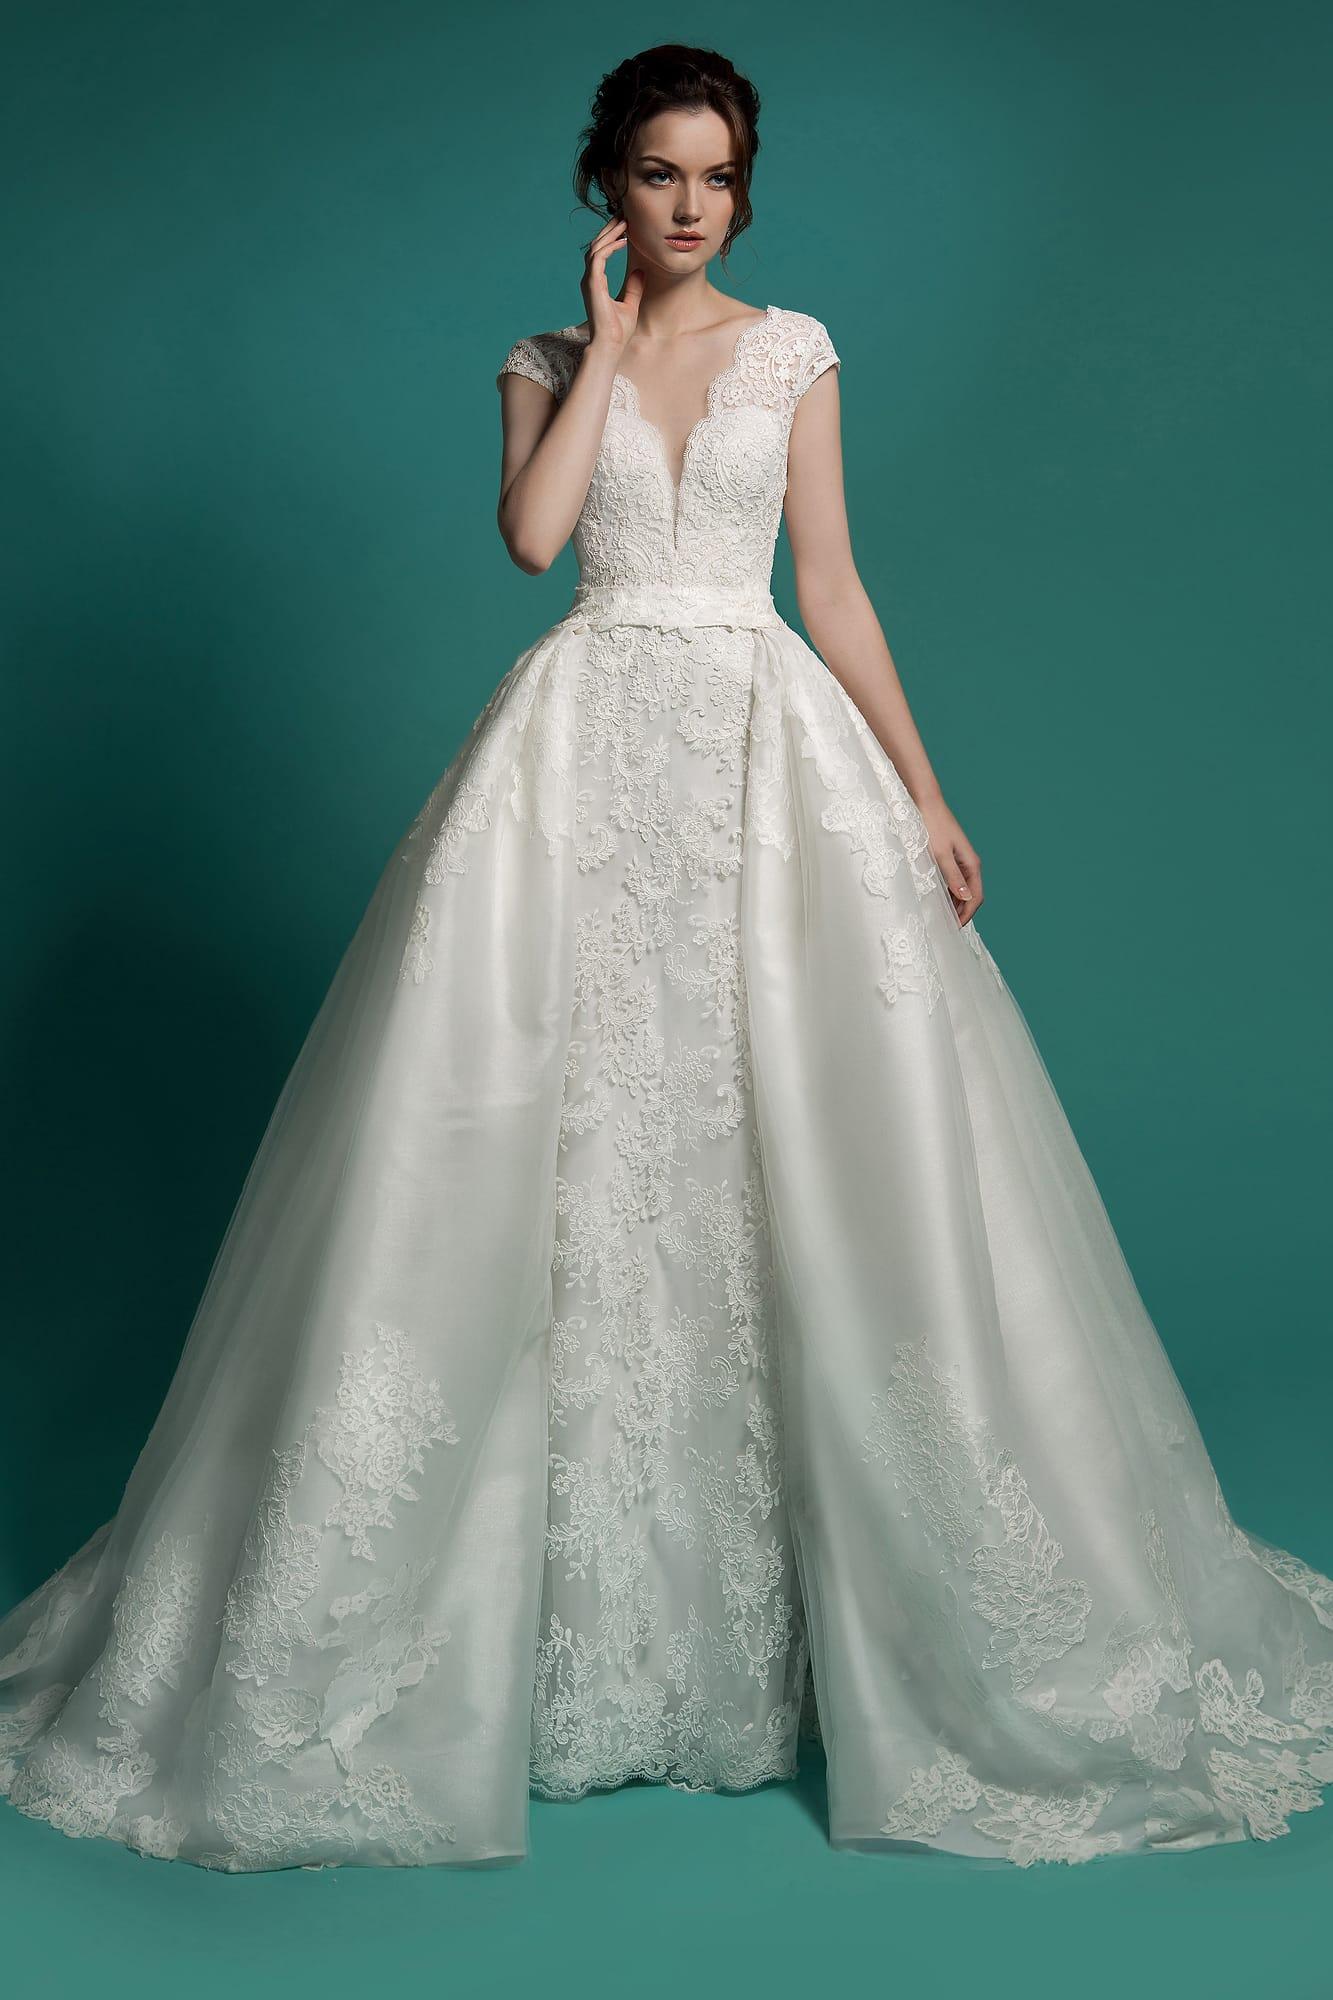 d30e42404c5 Кружевное свадебное платье с коротким рукавом и роскошной верхней юбкой из  нескольких слоев ткани.